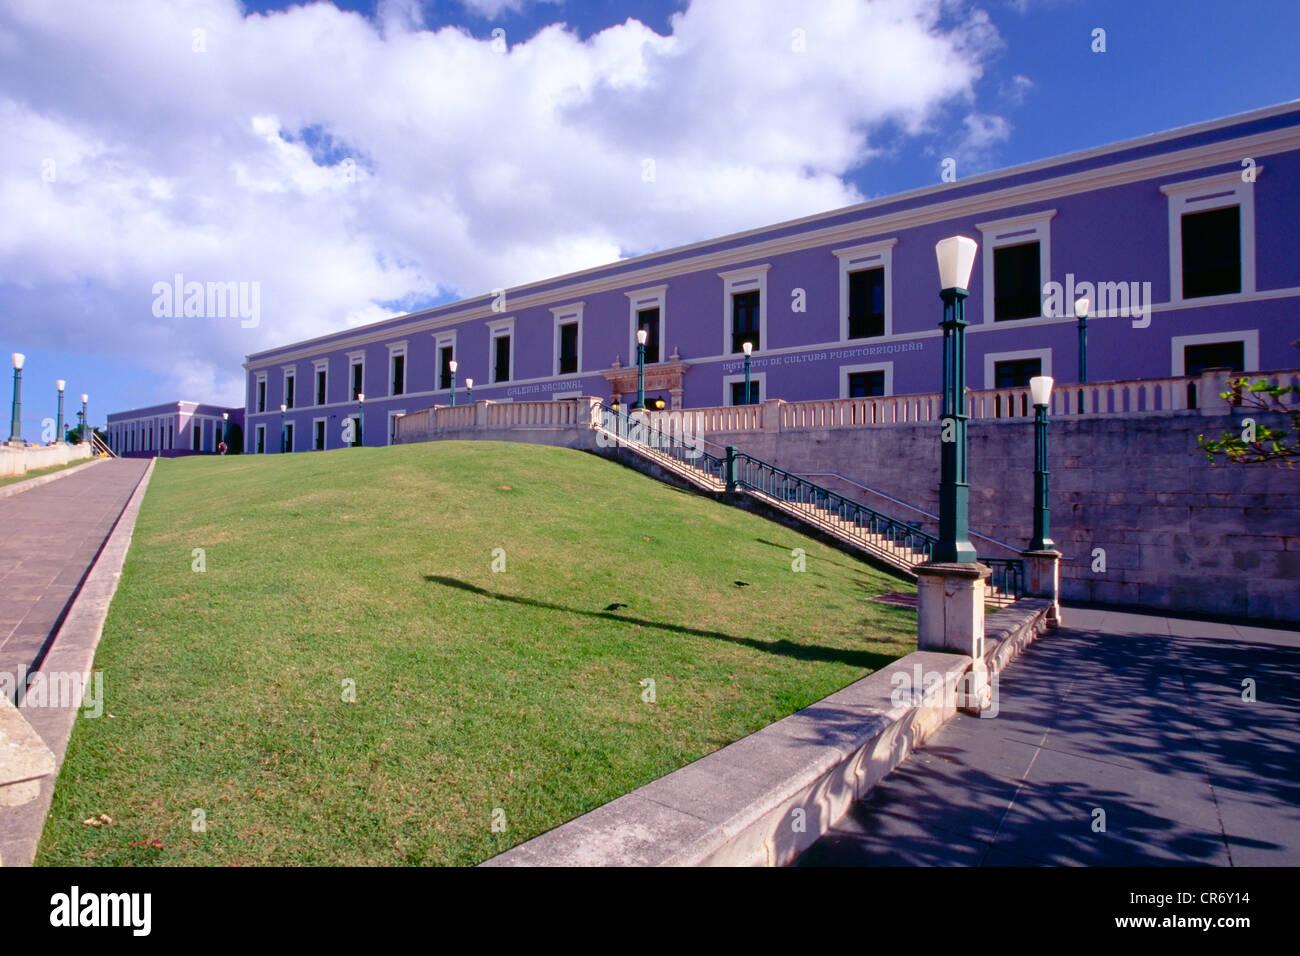 Ángulo de visión baja del Instituto de Cultura Puertorriqueña , el Viejo San Juan, Puerto Rico Imagen De Stock